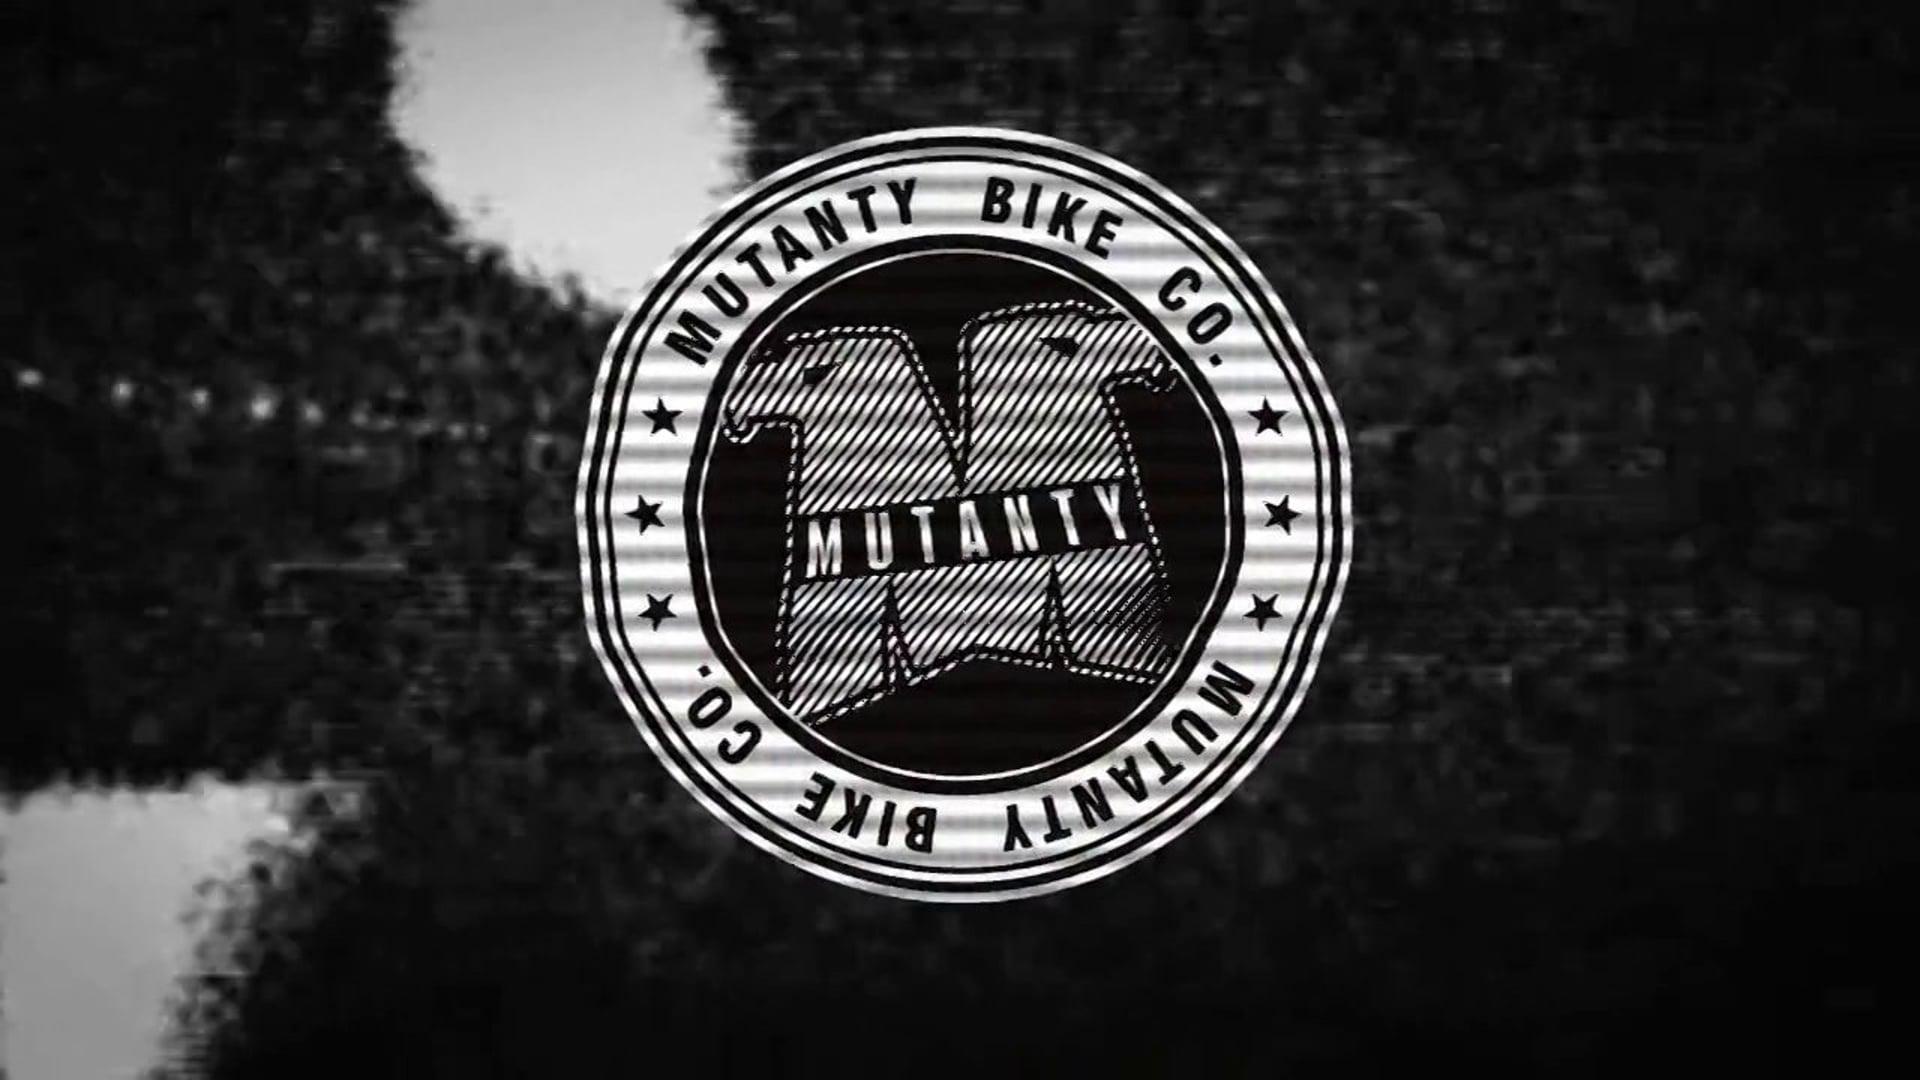 MUTANTY BIKE CO - VIDEO WEB TRAILER 2013